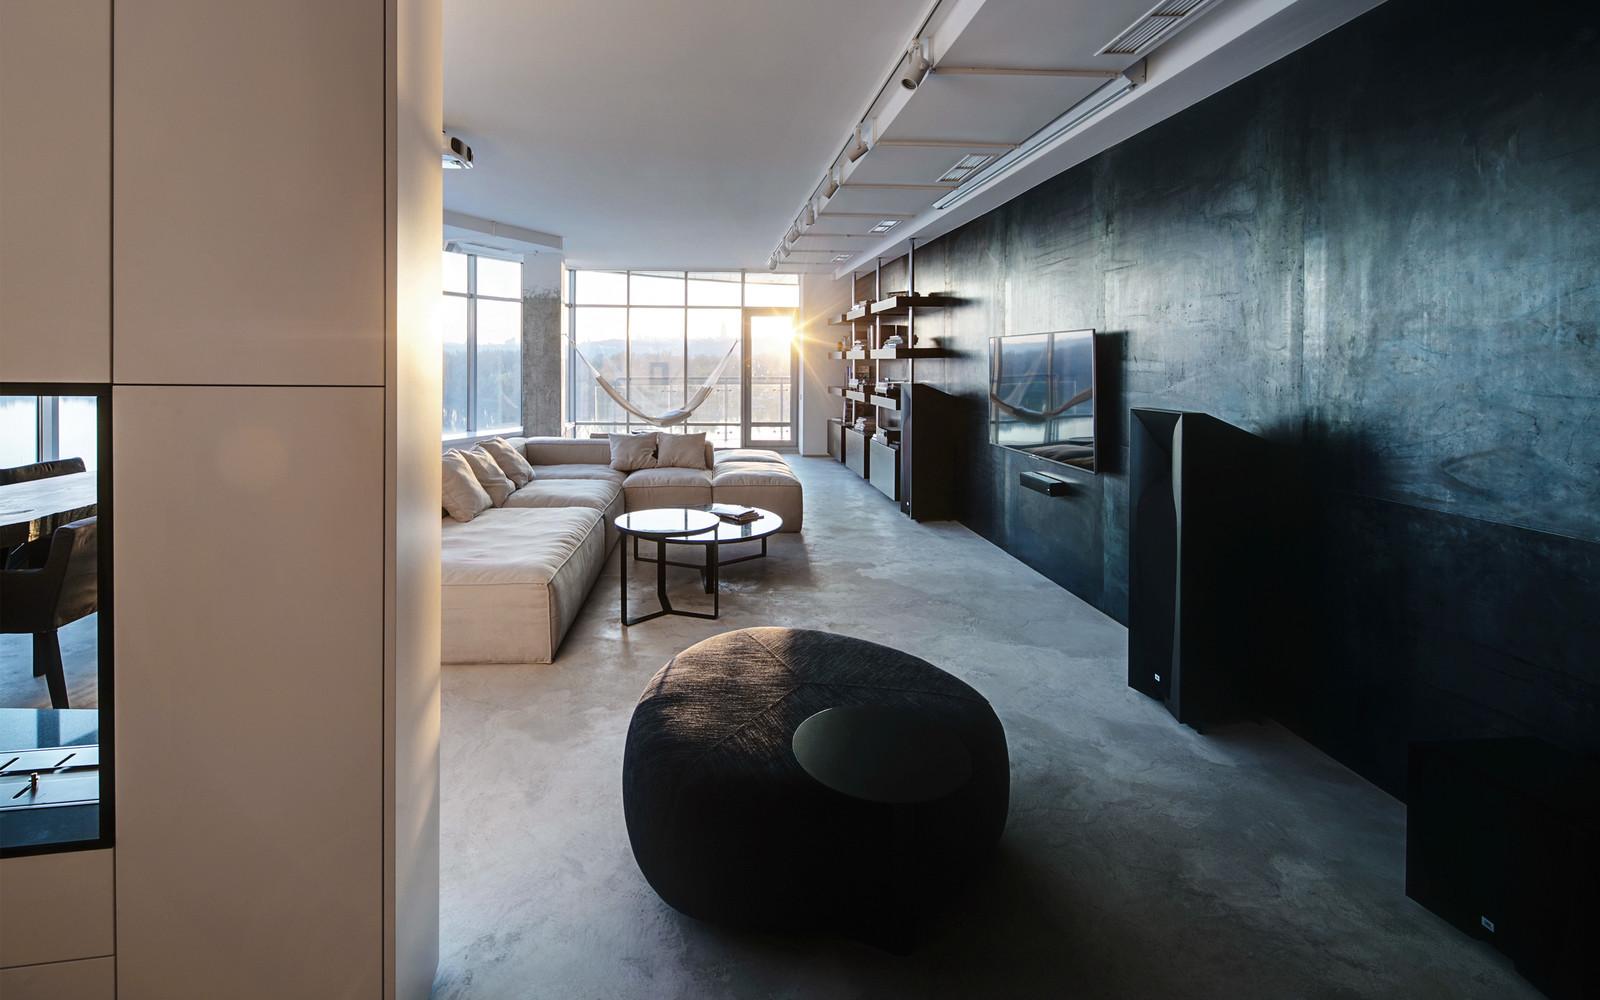 панорамни прозорци и свобода в просторния градски апартамент_5